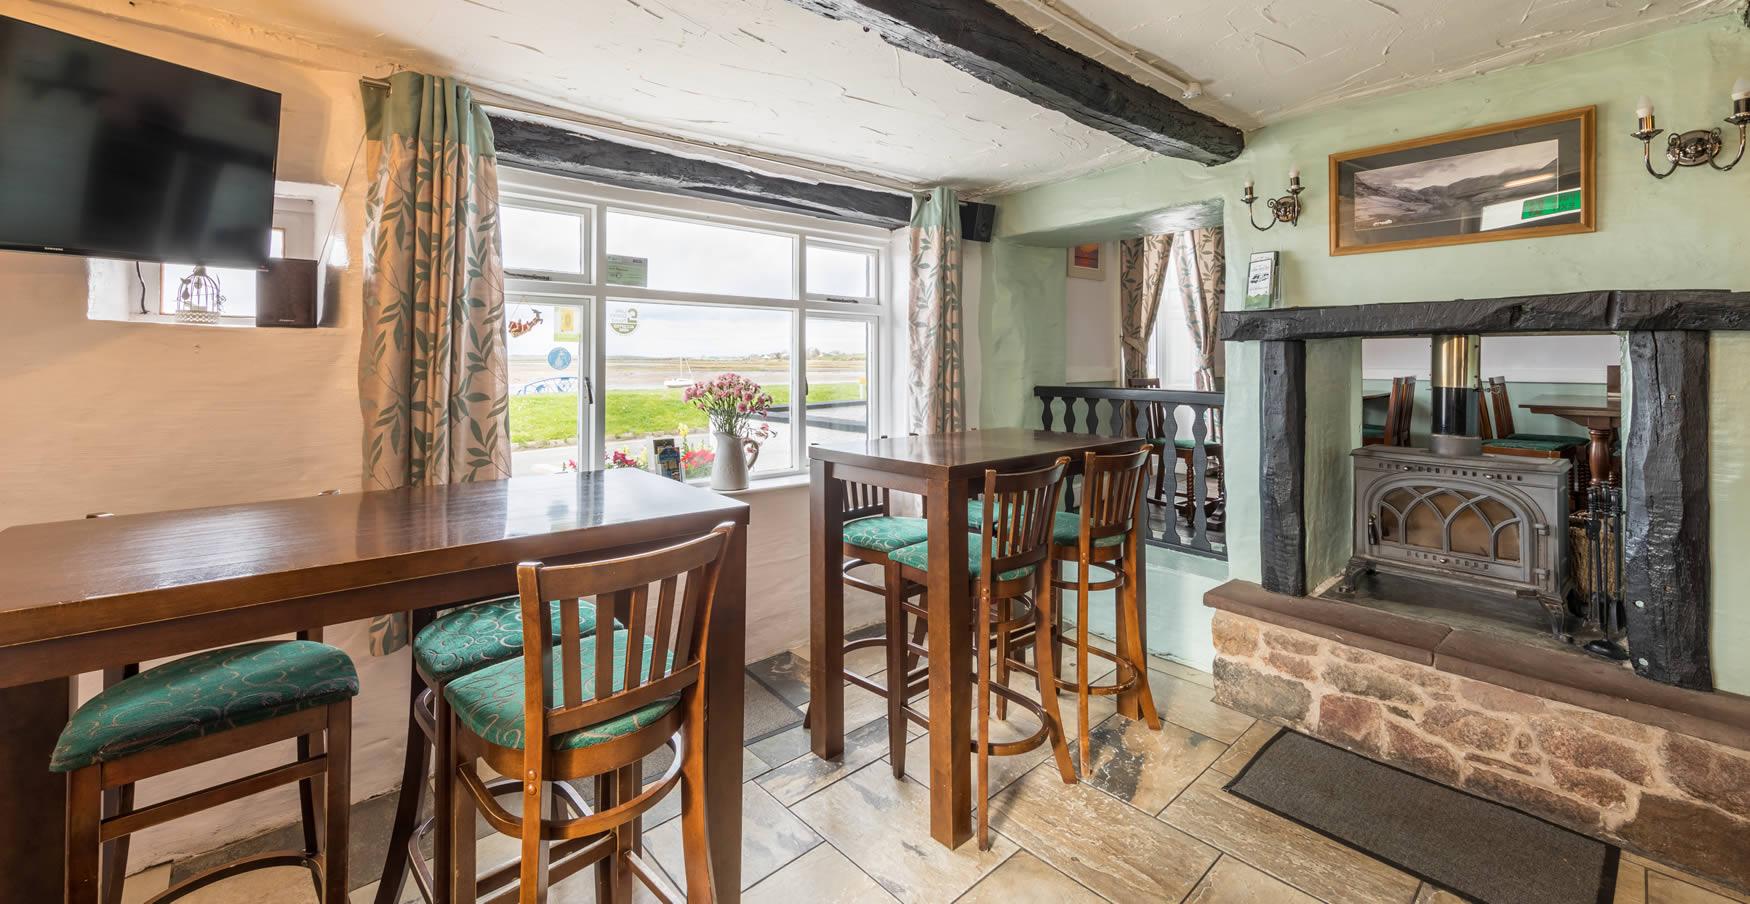 The Inn at Ravengalss en-suite